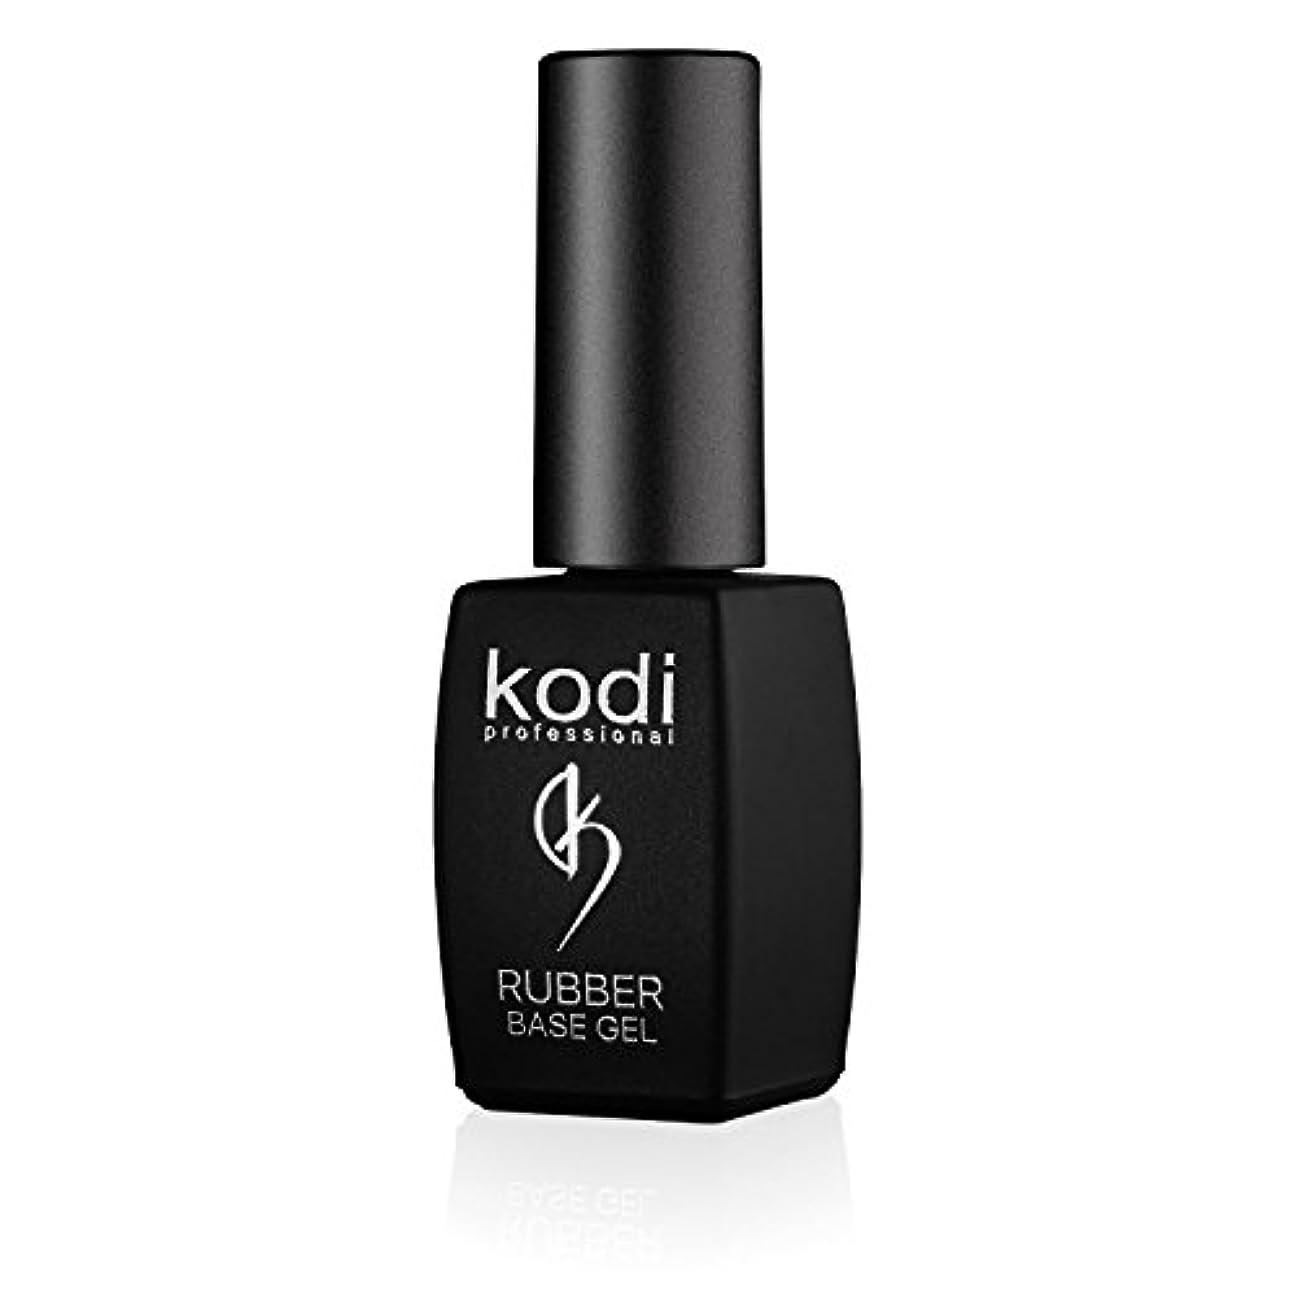 保険をかける貸す台無しにProfessional Rubber Base Gel By Kodi | 8ml 0.27 oz | Soak Off, Polish Fingernails Coat Gel | For Long Lasting...